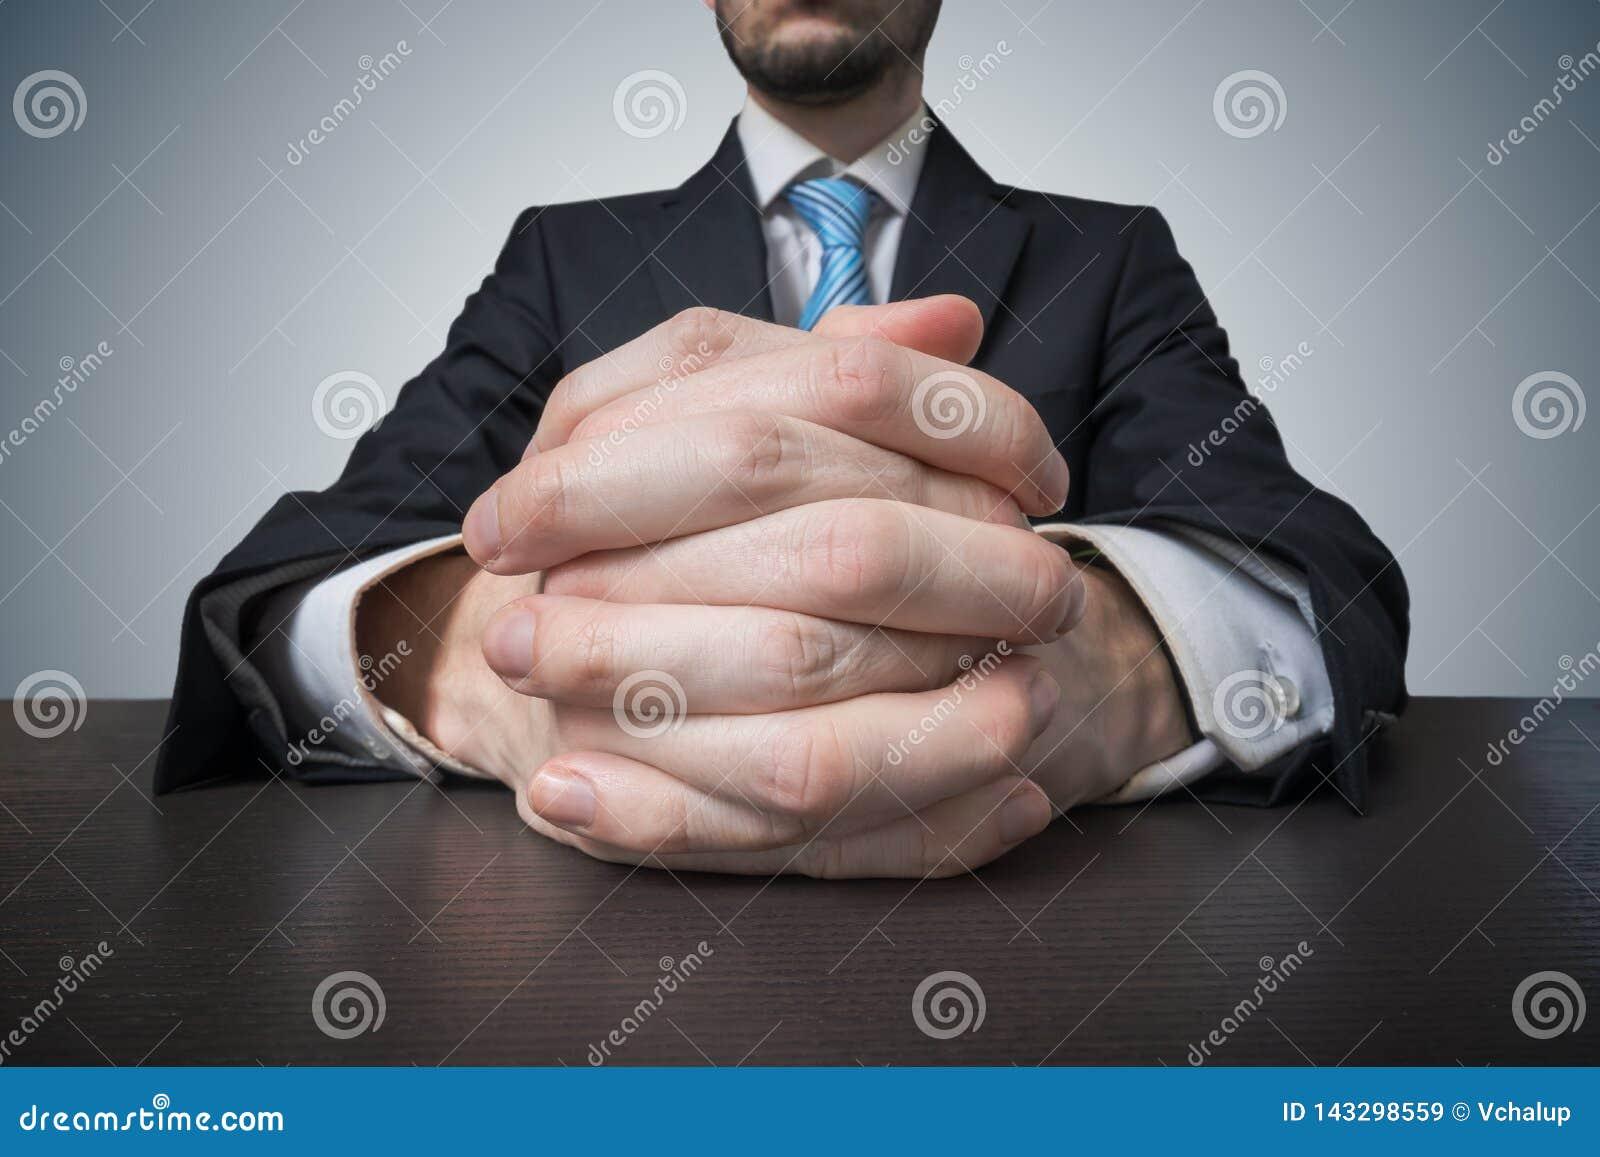 Сидя бизнесмен со сжиманными руками Переговоры и концепция общаться